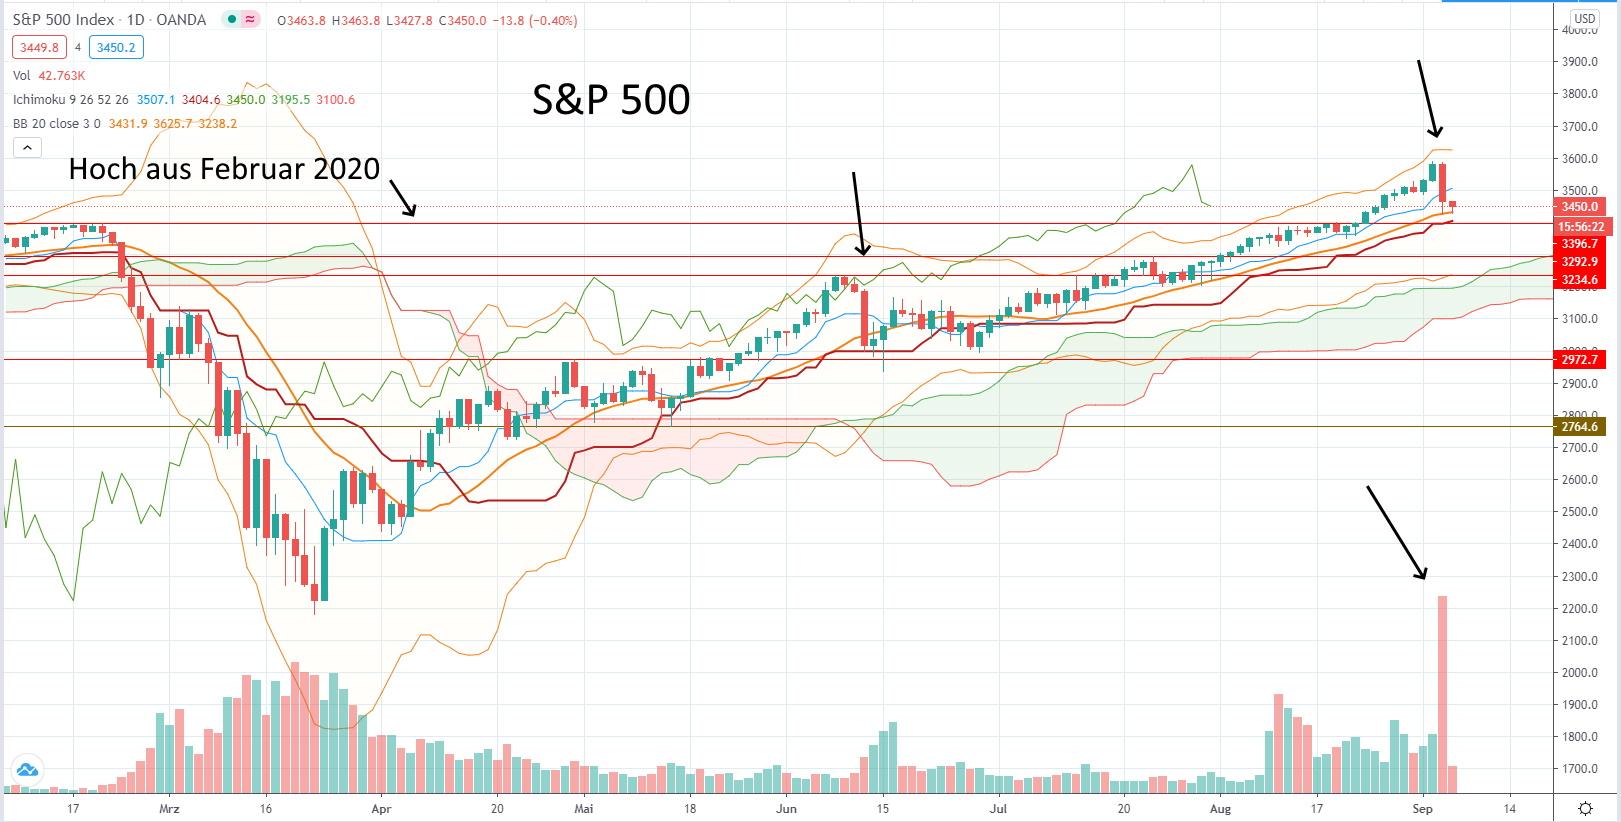 Heftige Korrektur am Aktienmarkt - S&P 500